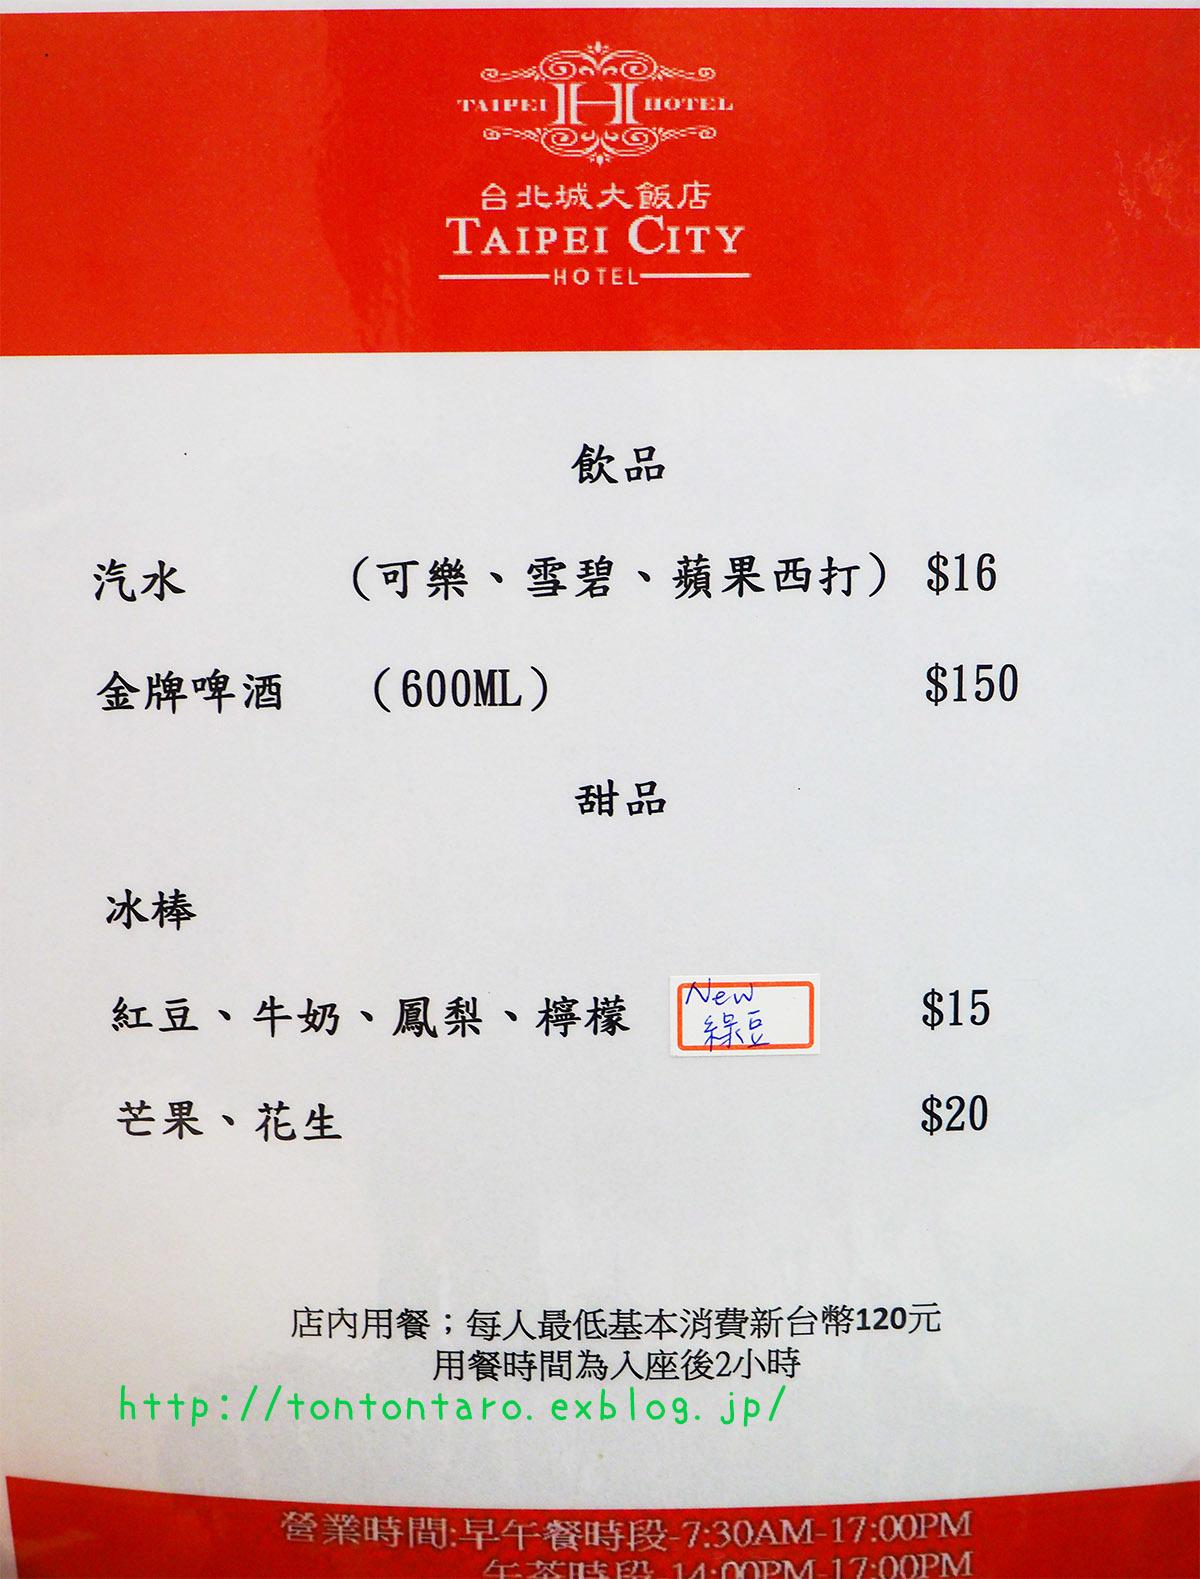 生まれ変わった台北城大飯店2樓、「大稻埕風味餐廳」のお値打ち感は異常(再び)_a0112888_05123320.jpg